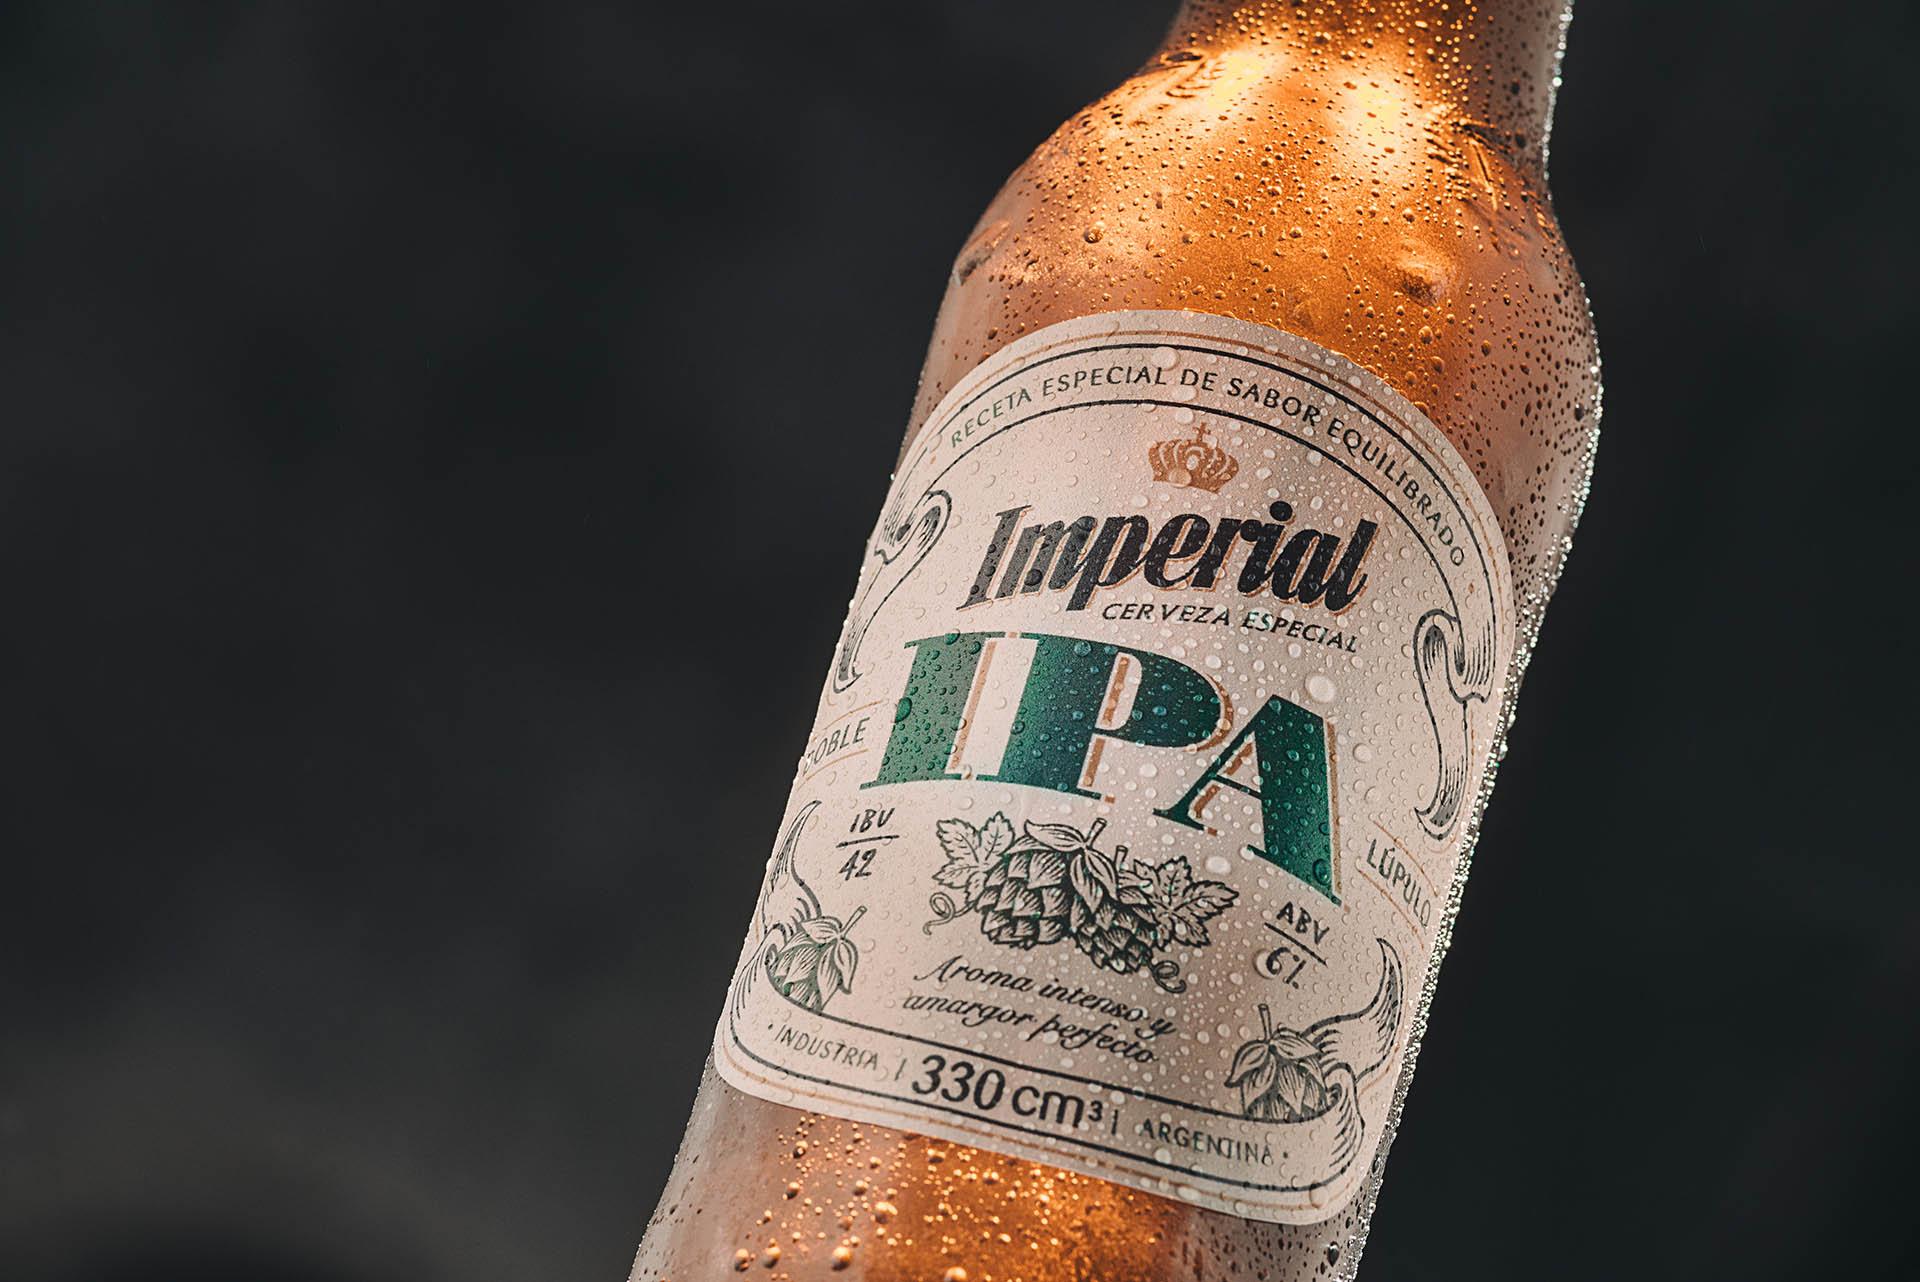 La India Pale Ale es un estilo de cerveza proveniente de Inglaterra con gran carácter, con mayor graduación alcohólica y mayor amargor que las cervezas rubias tradicionales.